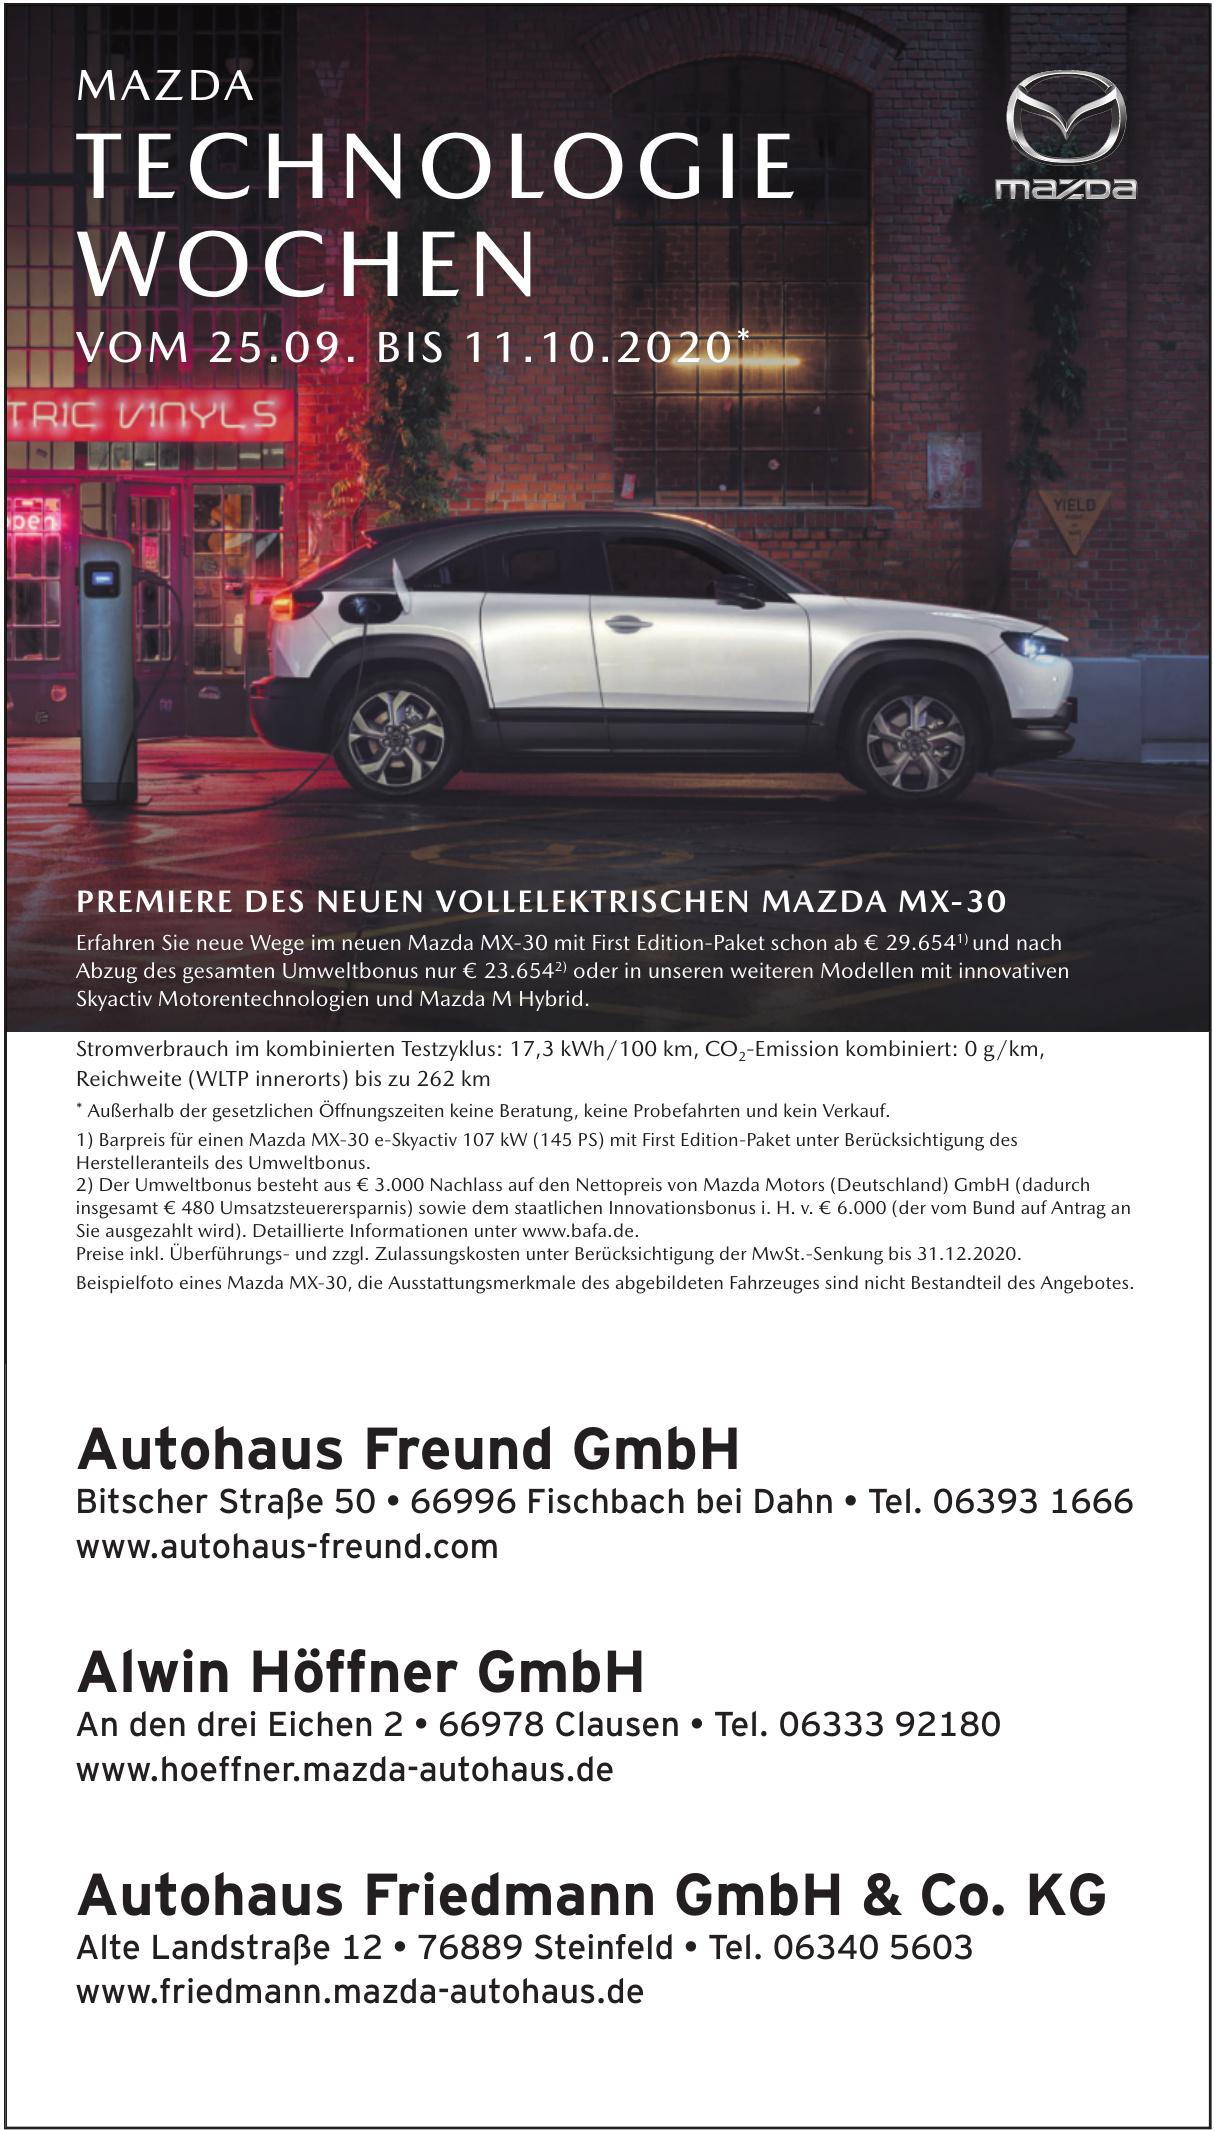 Autohaus Freund GmbH